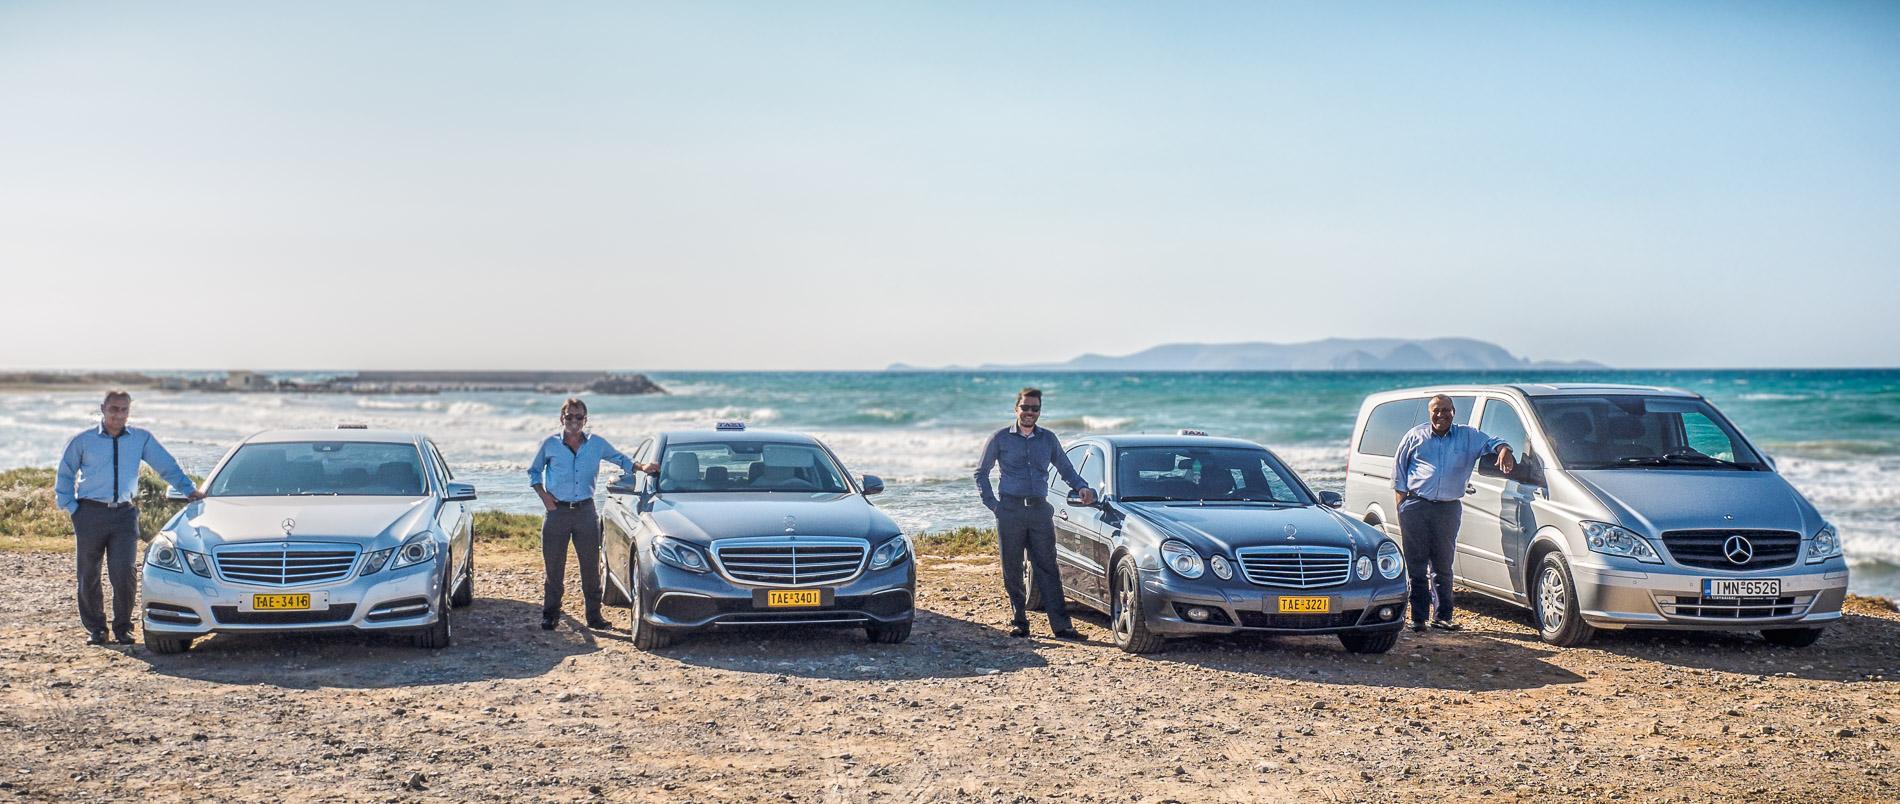 Τουριστικά ταξί στην Κρήτη